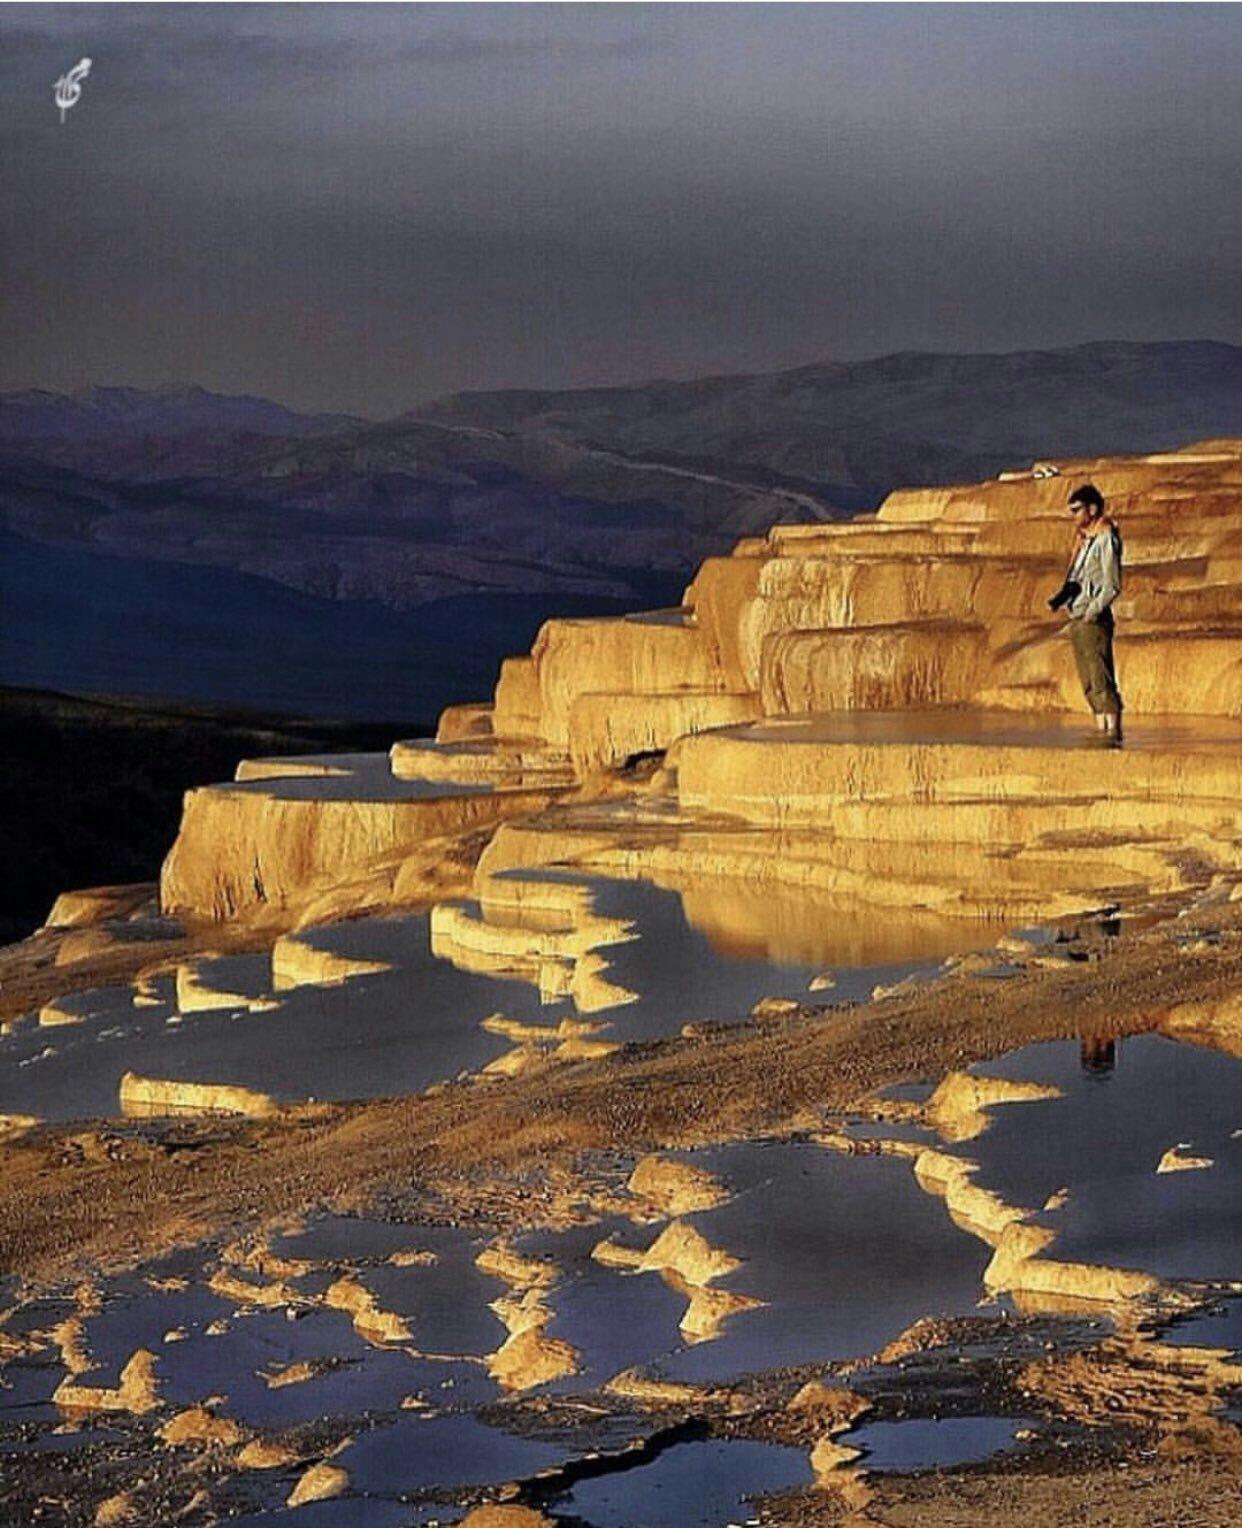 عدسة إيرانية: باداب سورت حيث النبع الطبيعي الفريد من نوعه بالقرب من مازندران 1